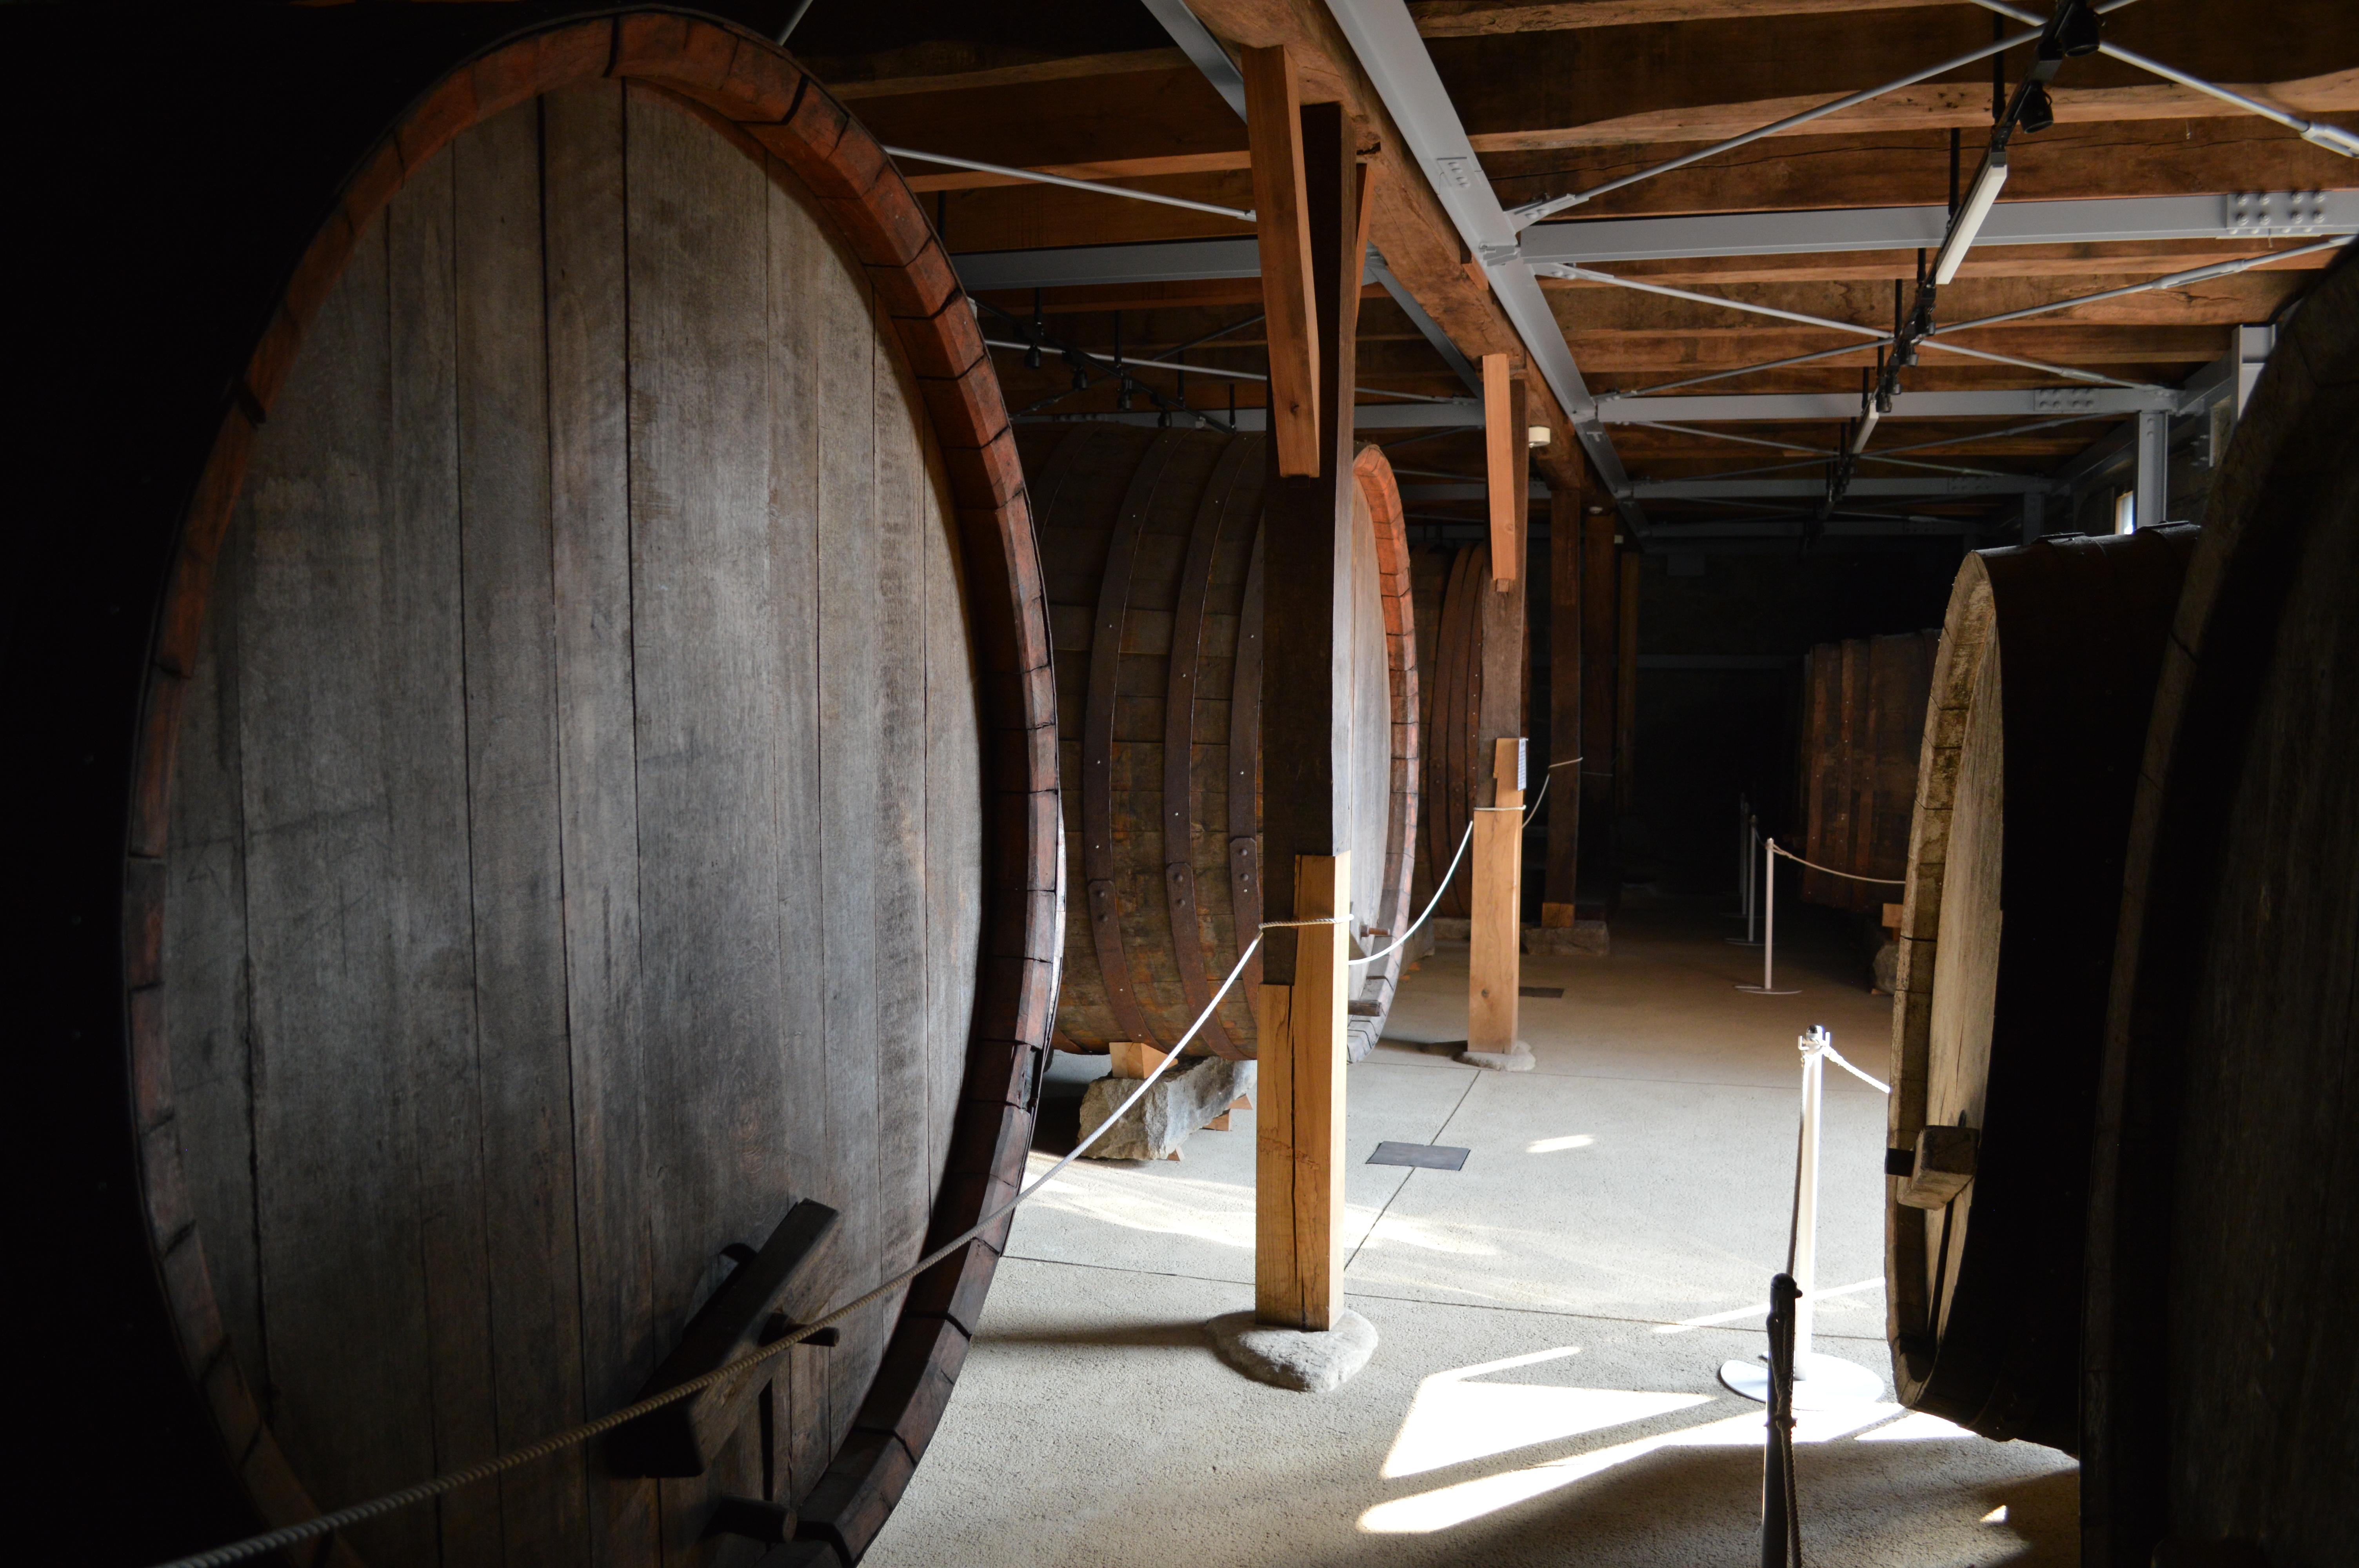 Massive oak barrels